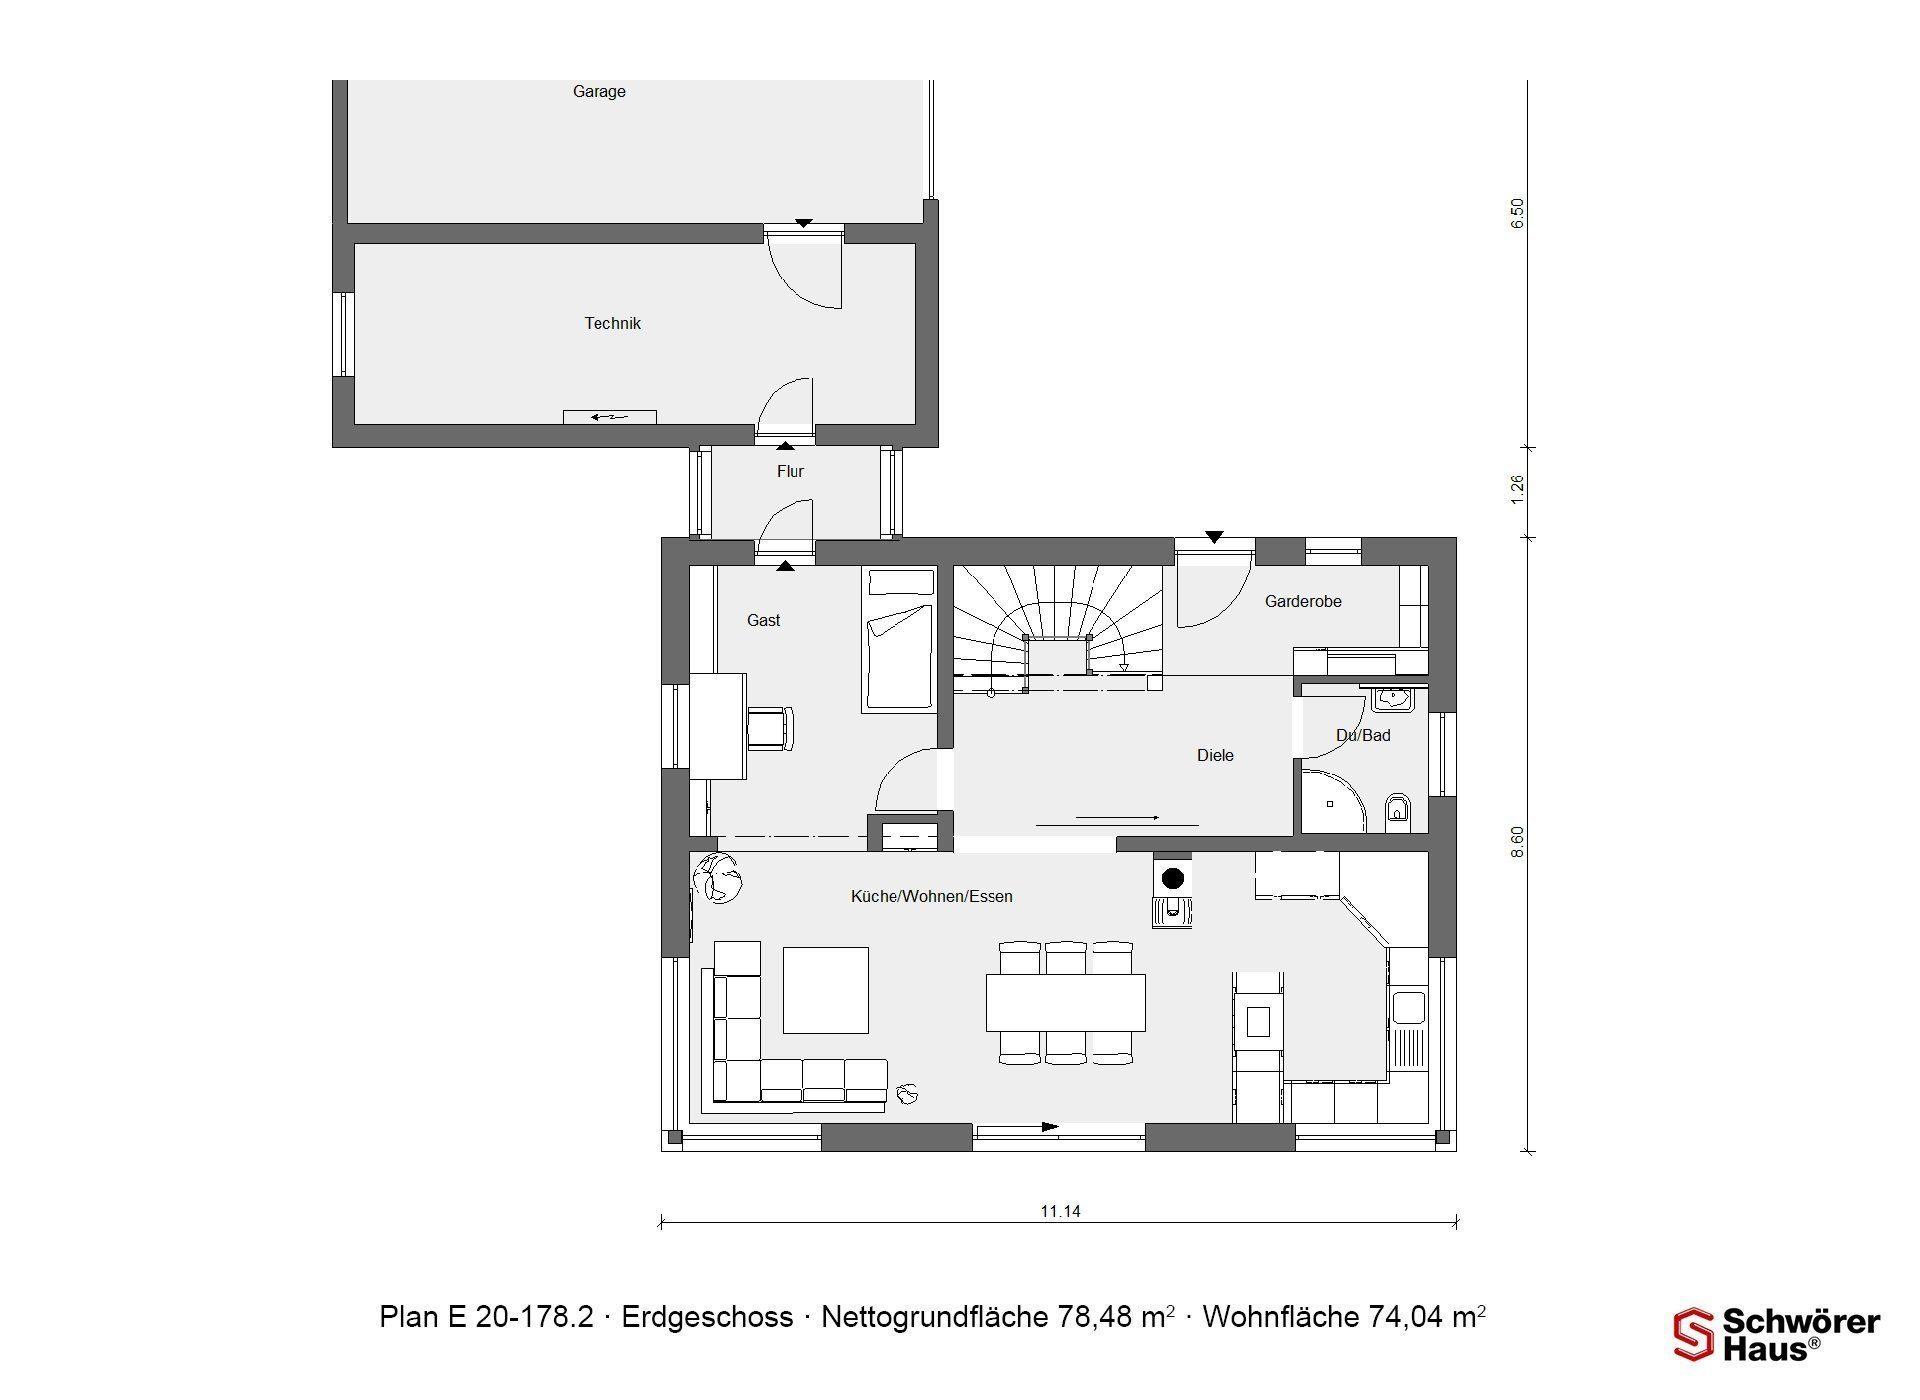 Musterhaus Günzburg - Eine Nahaufnahme eines Geräts - FertighausWelt Günzburg